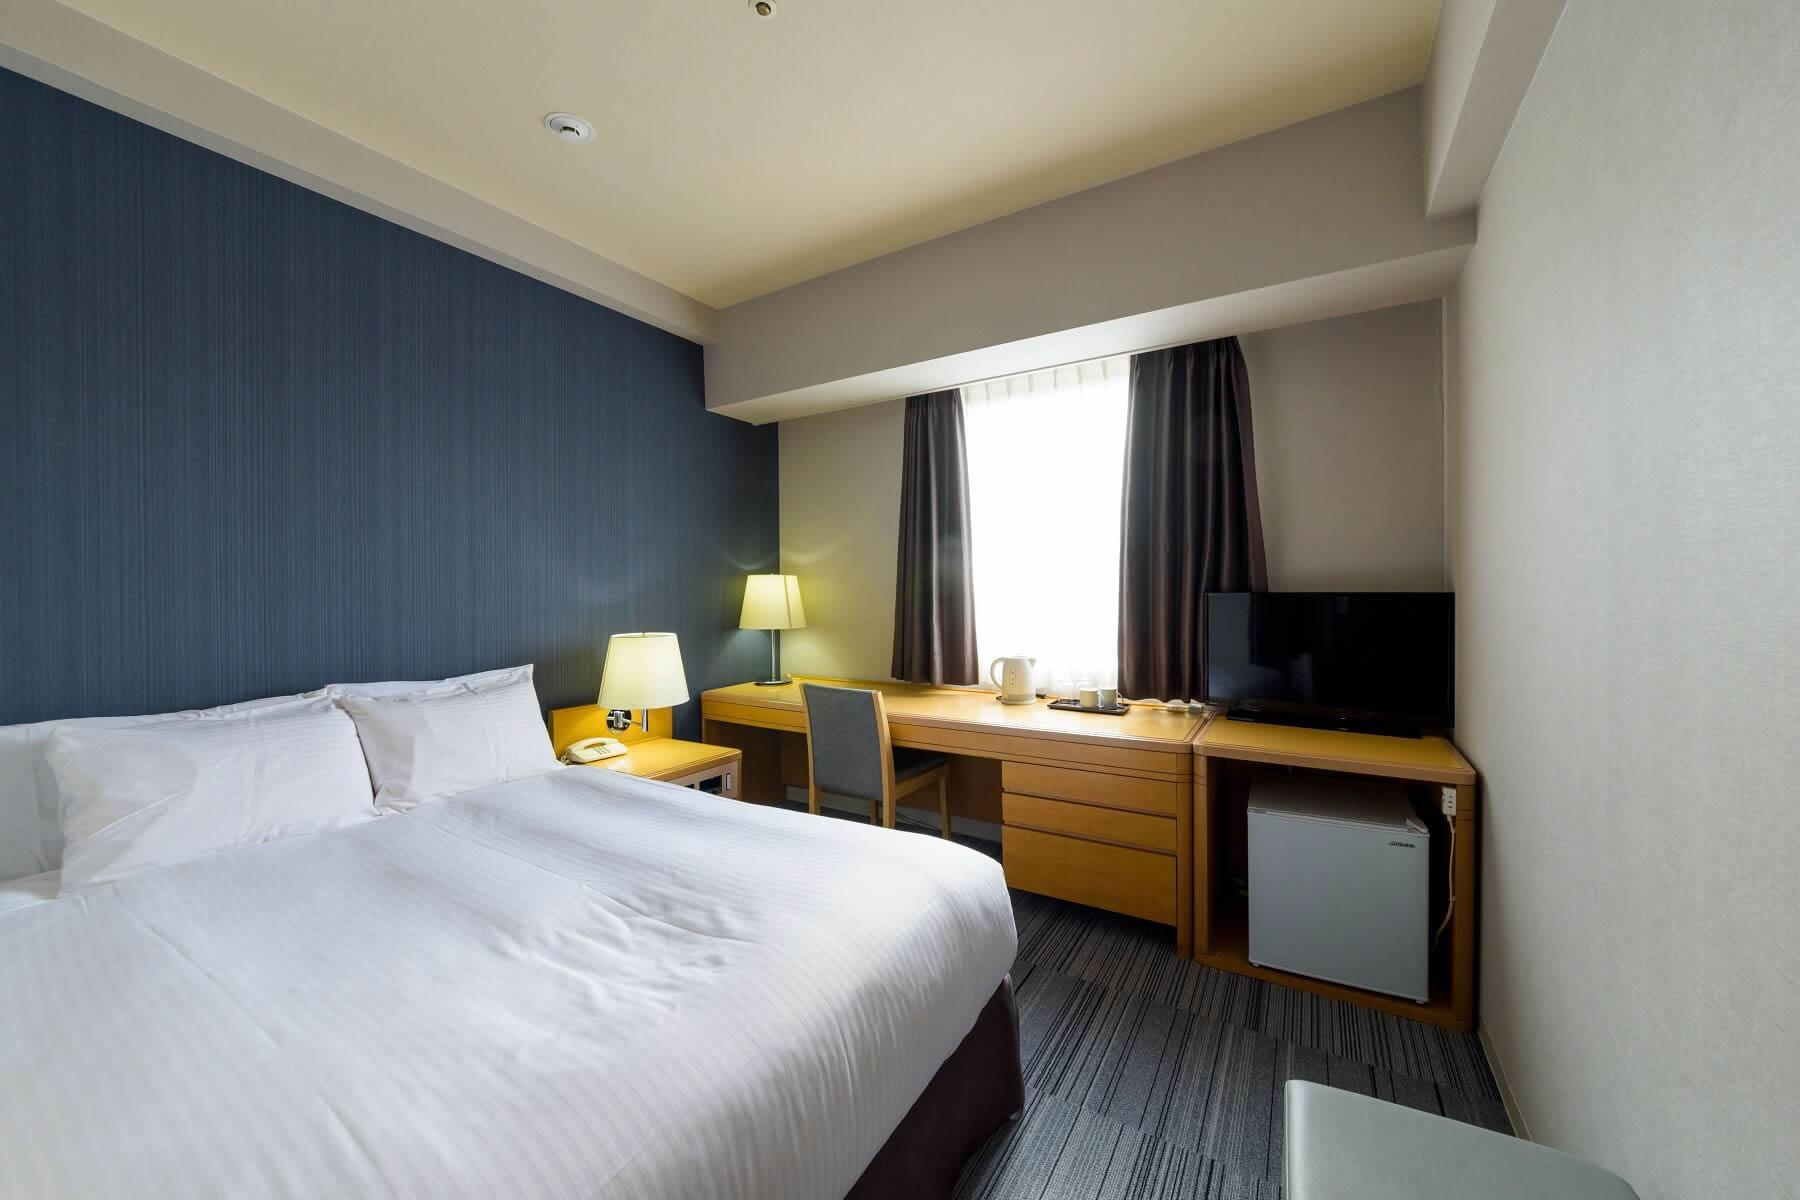 シュアステイプラスホテル新大阪、館内リニューアル工事完了のお知らせ